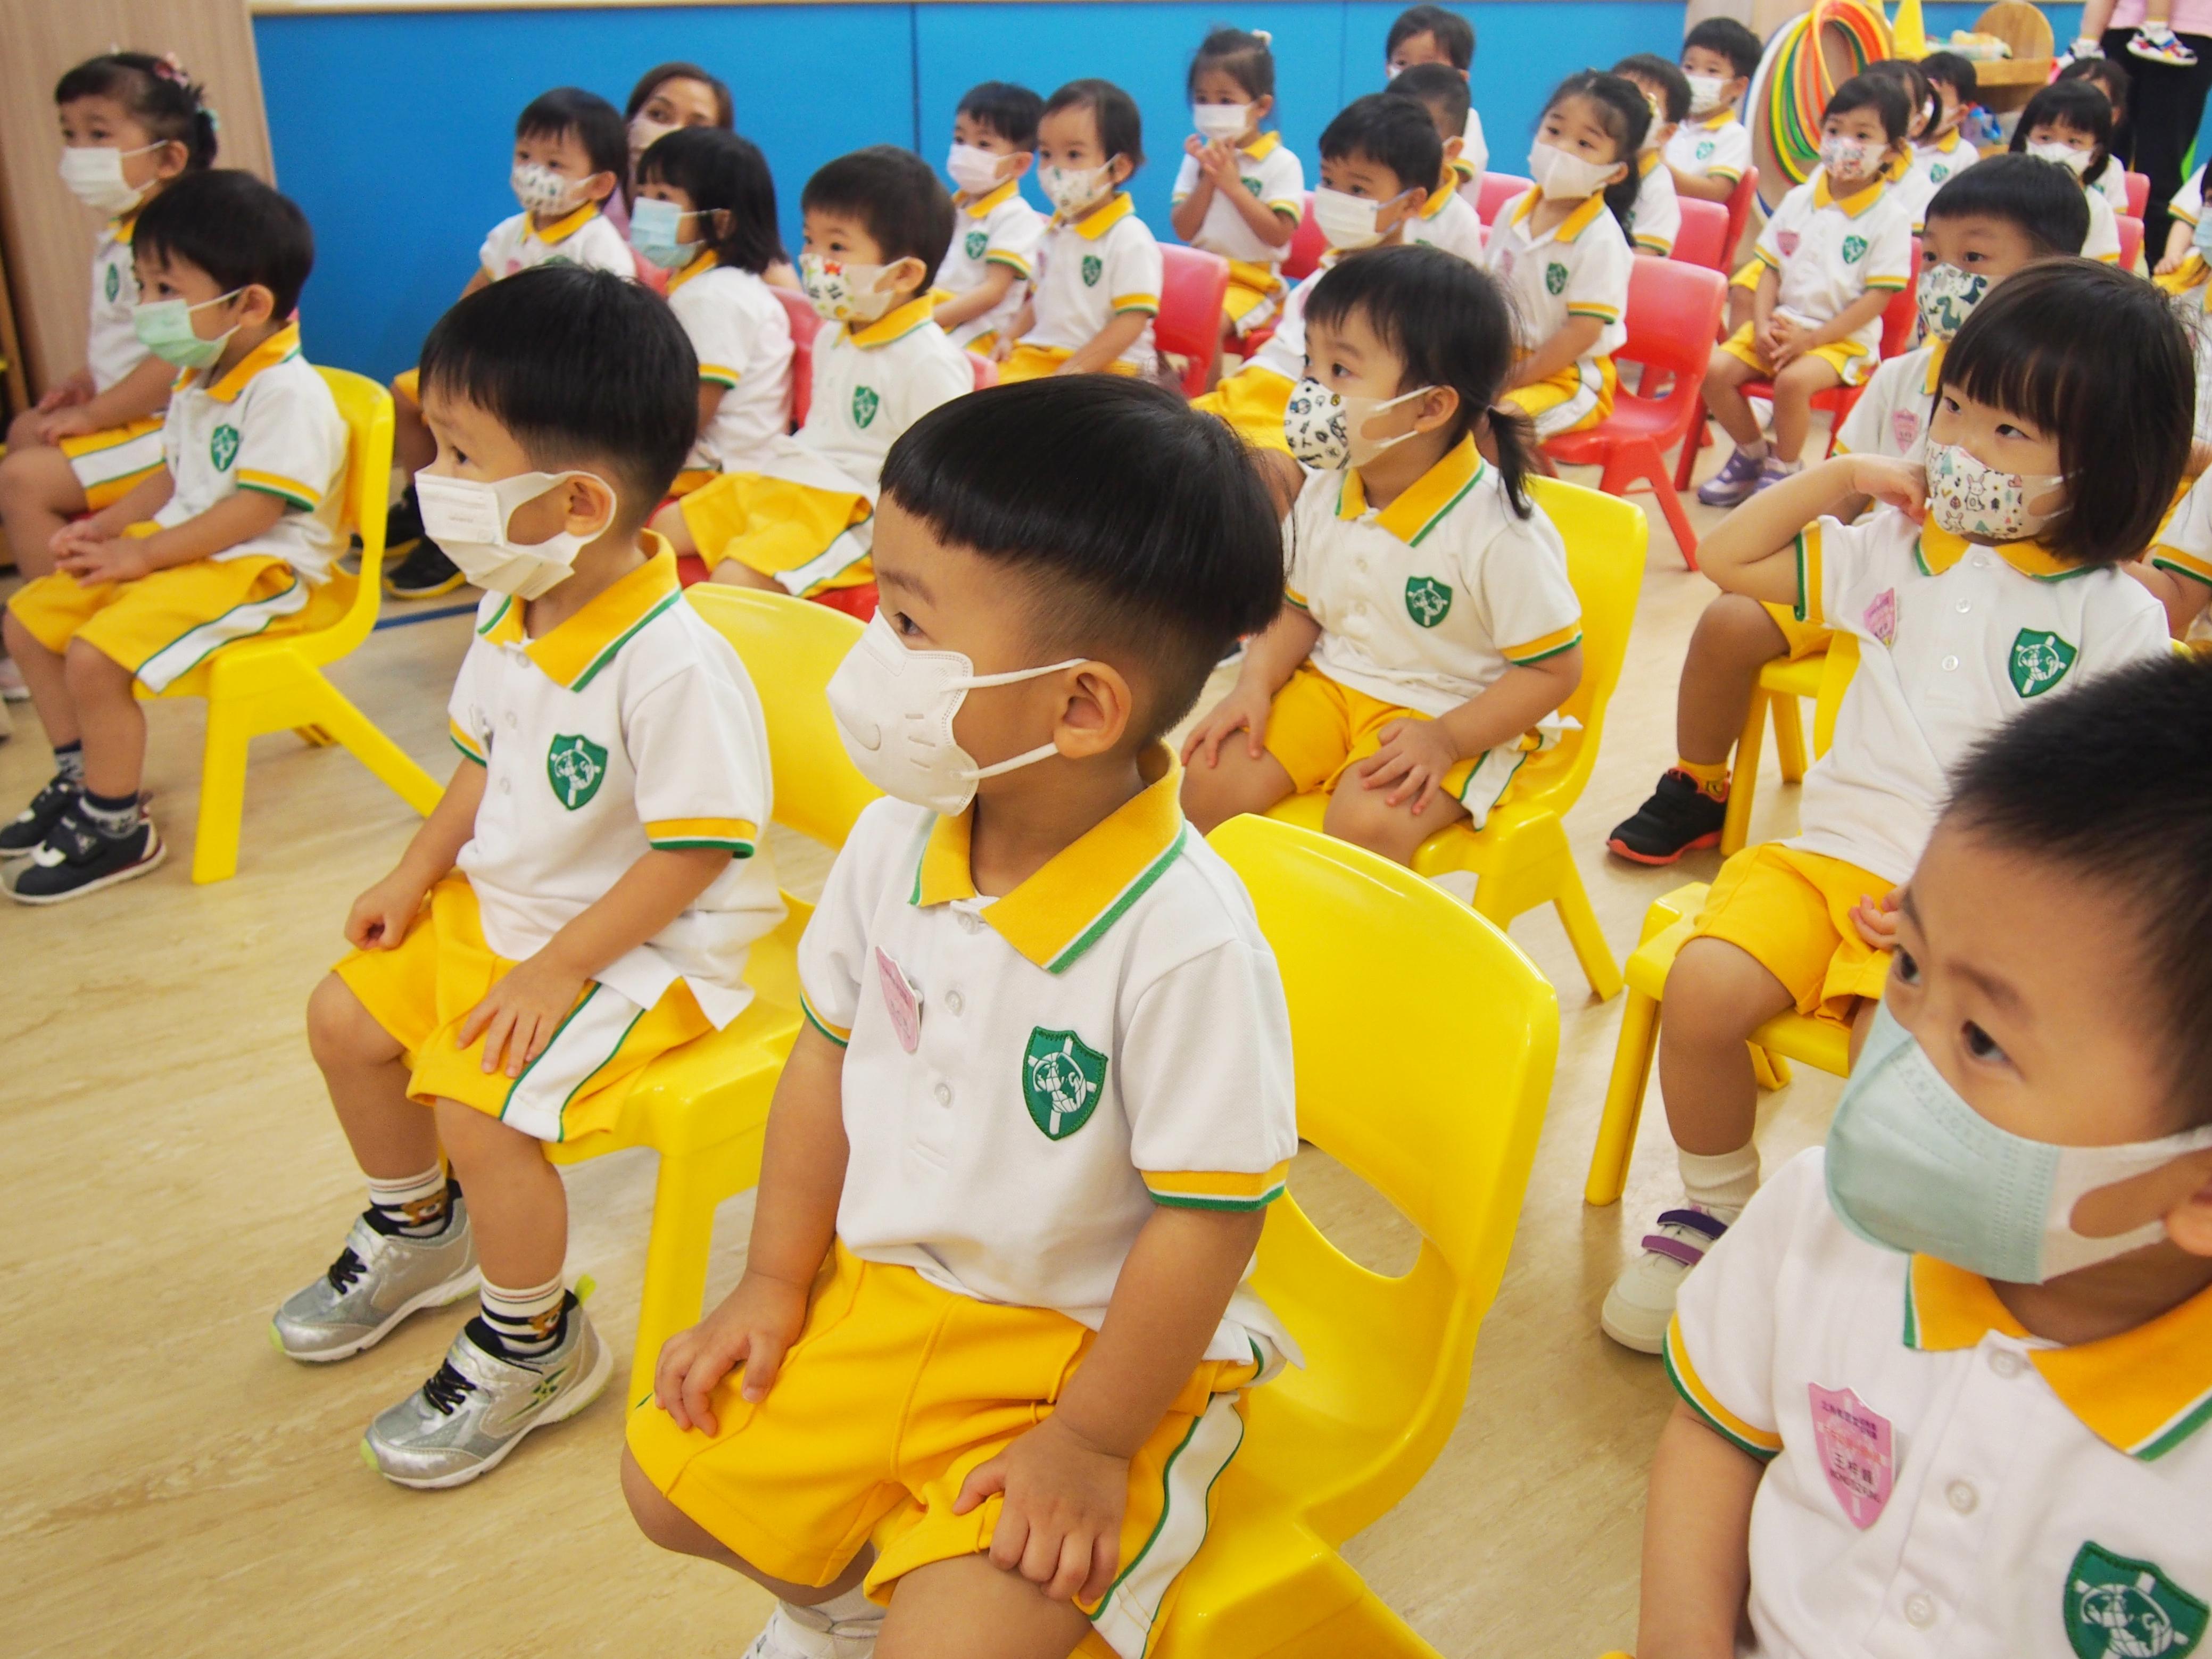 http://npmc.edu.hk/sites/default/files/p9240297a.jpg